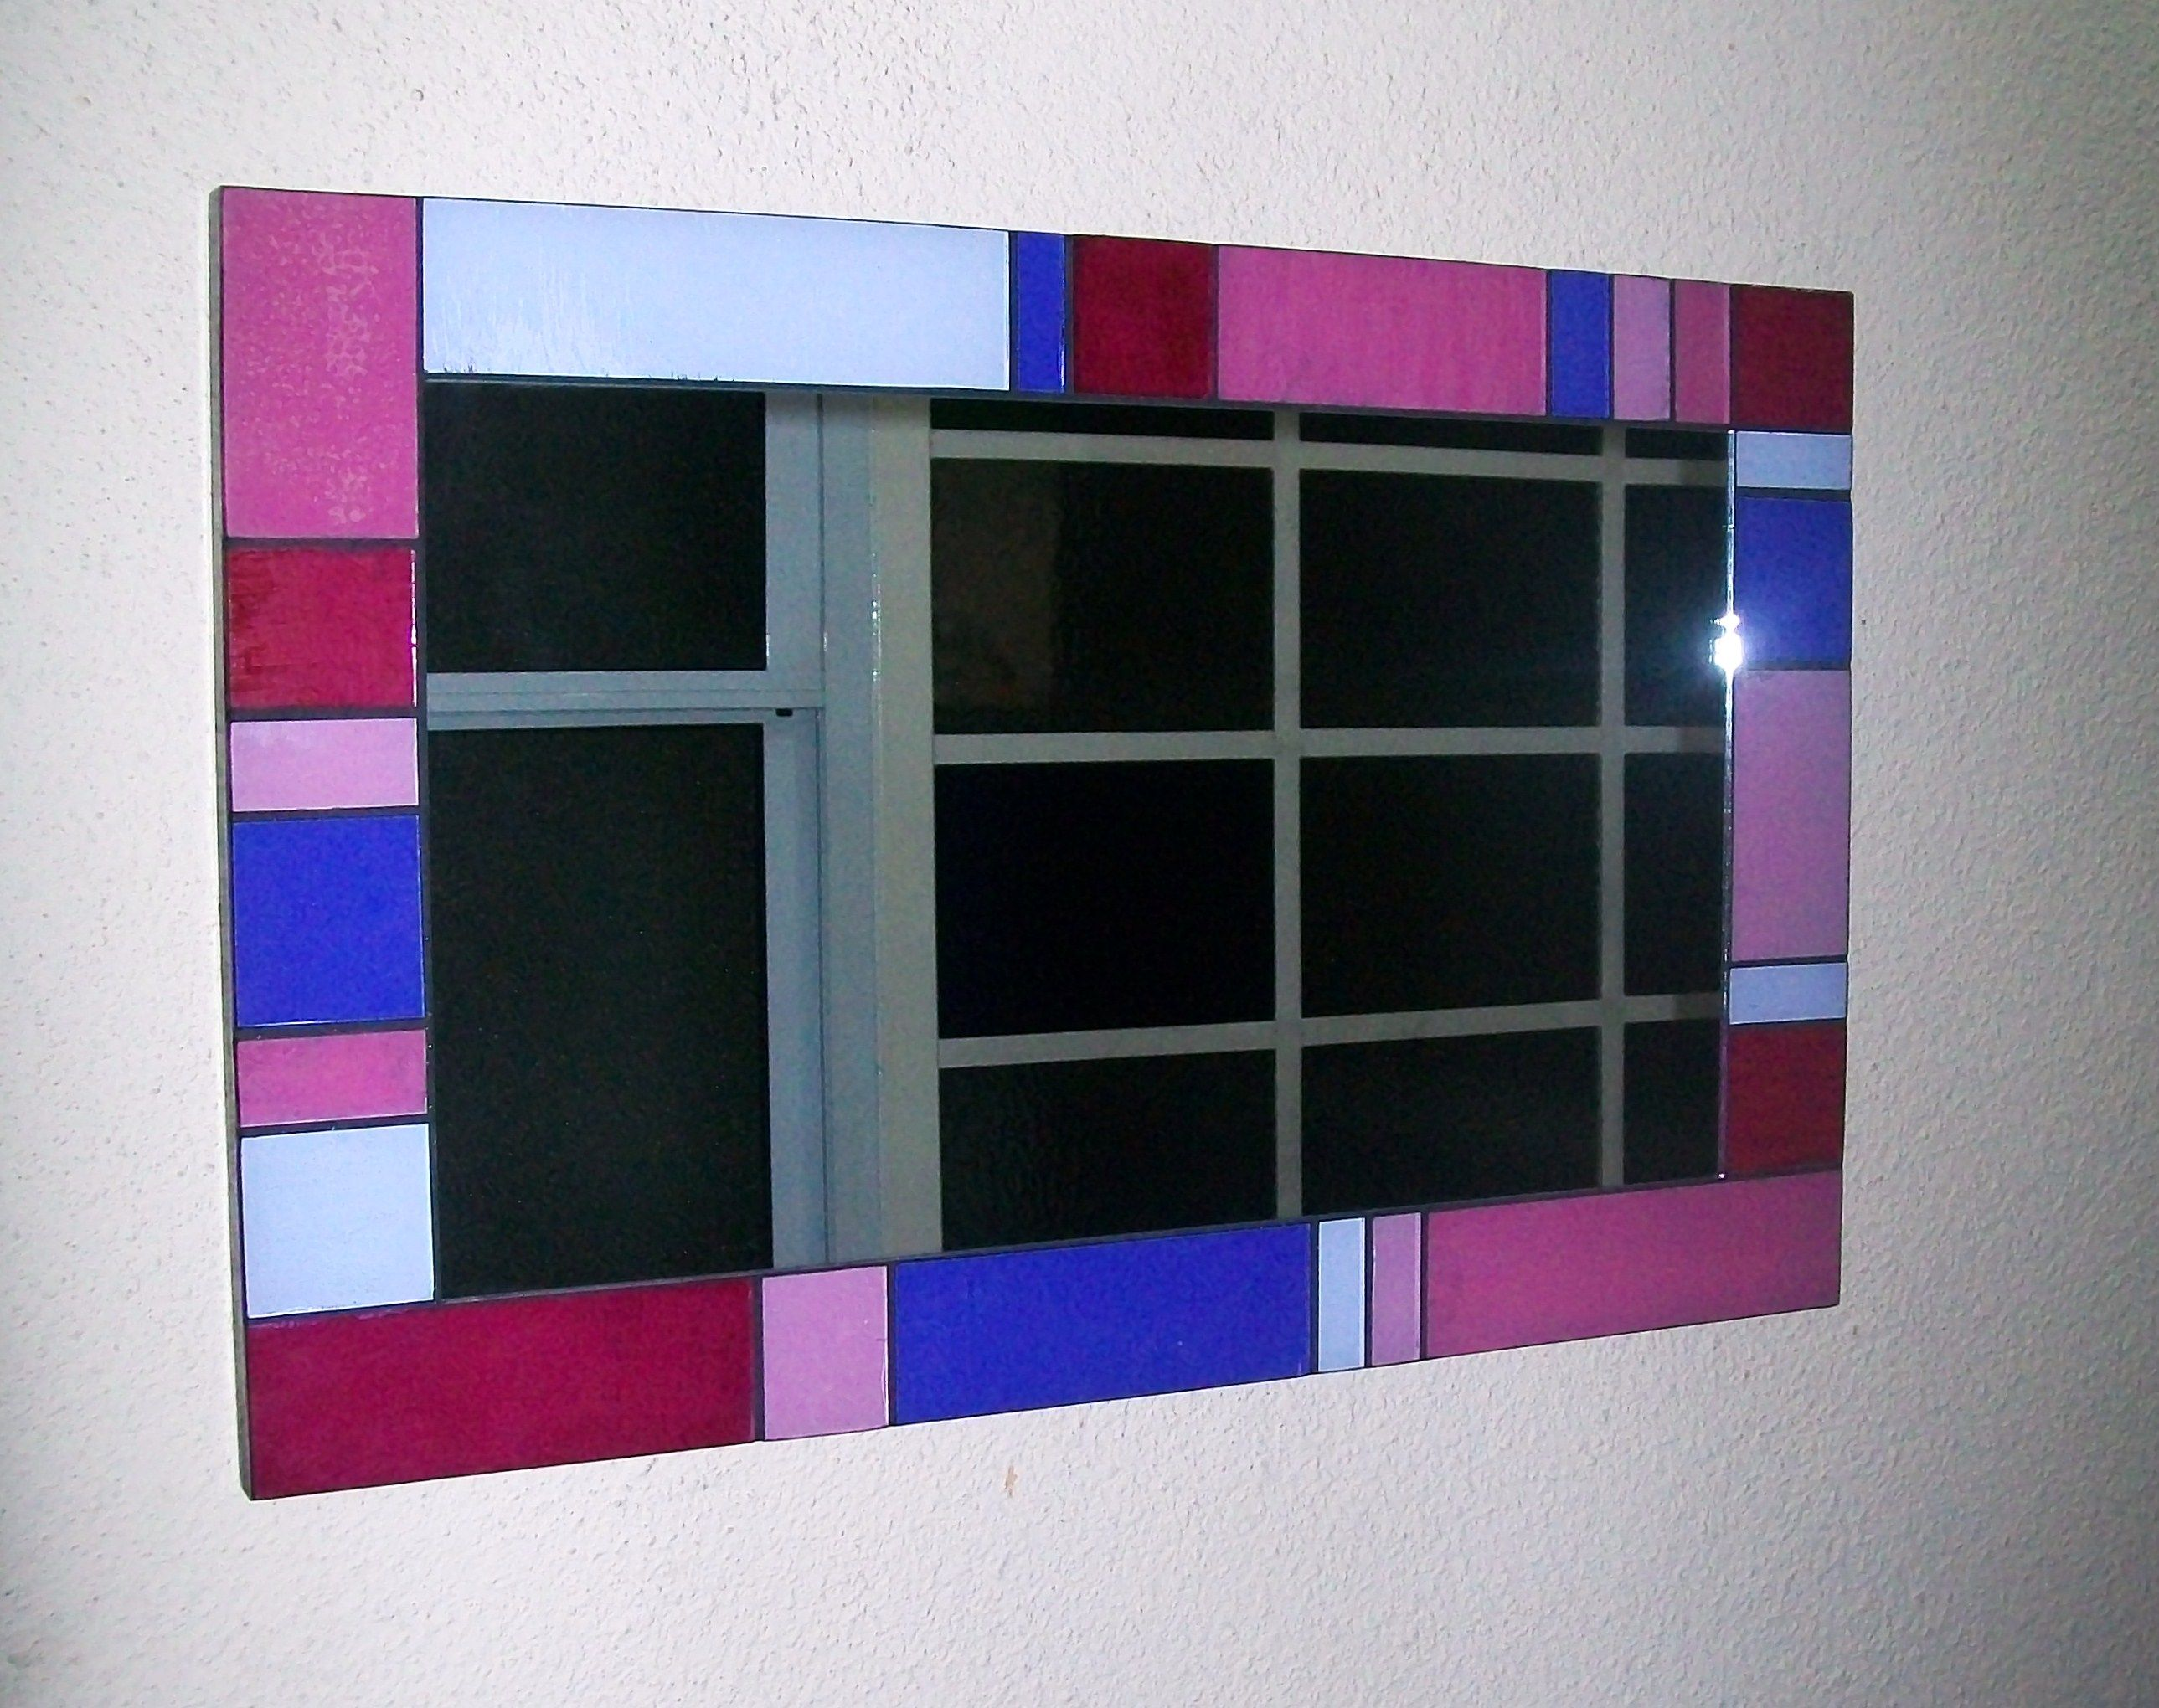 Espejo artesanal con marco de vidrio   espejos   Pinterest   Espejo ...